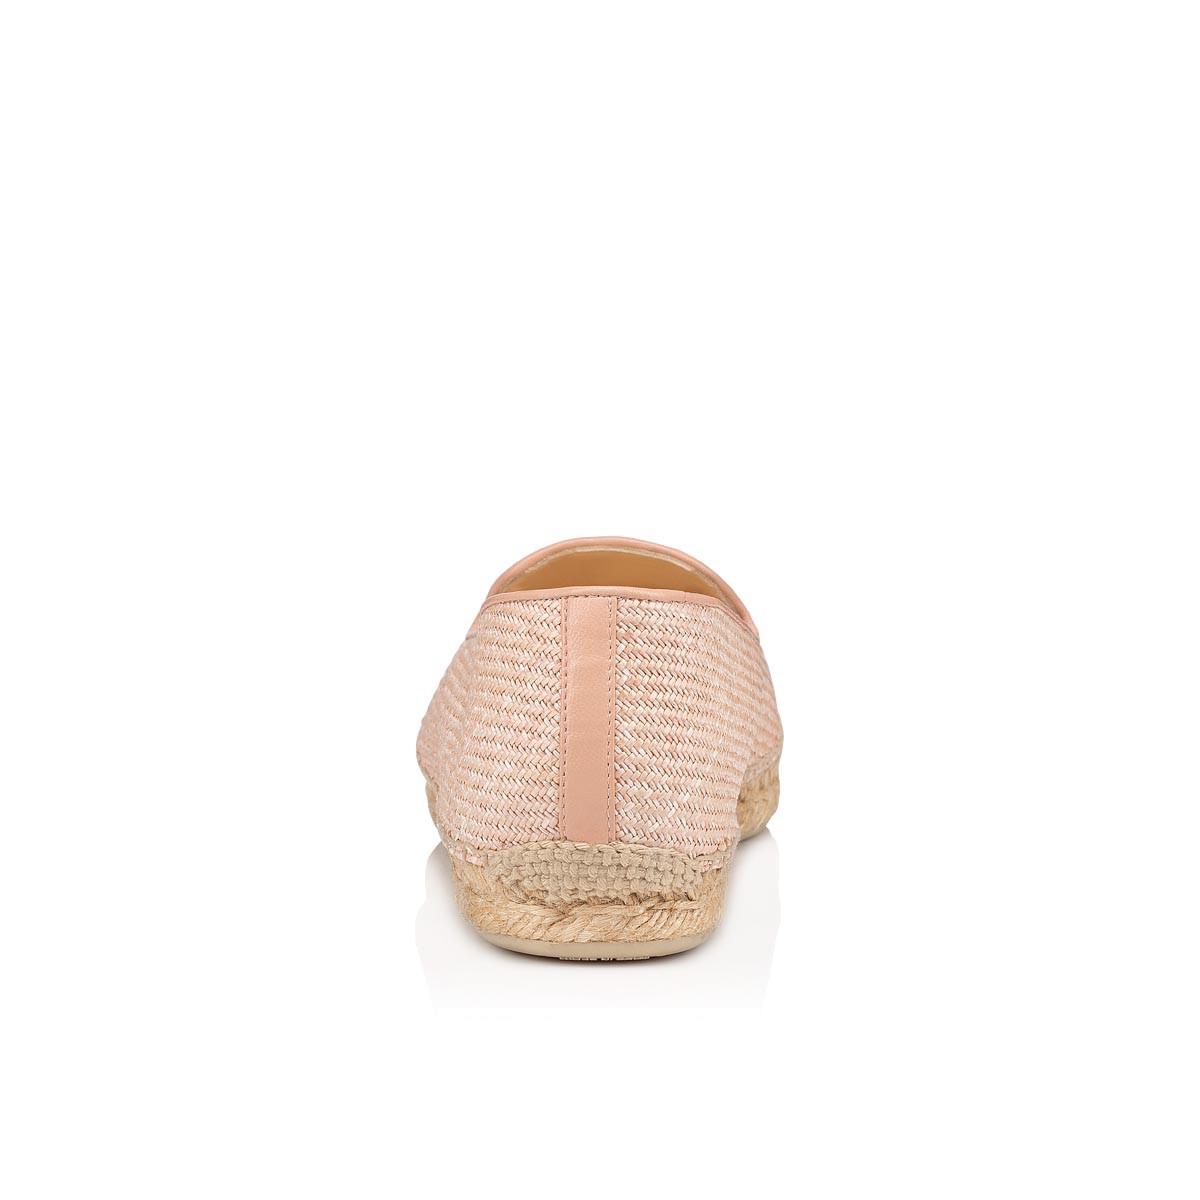 Shoes - Nanou Orlato Donna Flat - Christian Louboutin